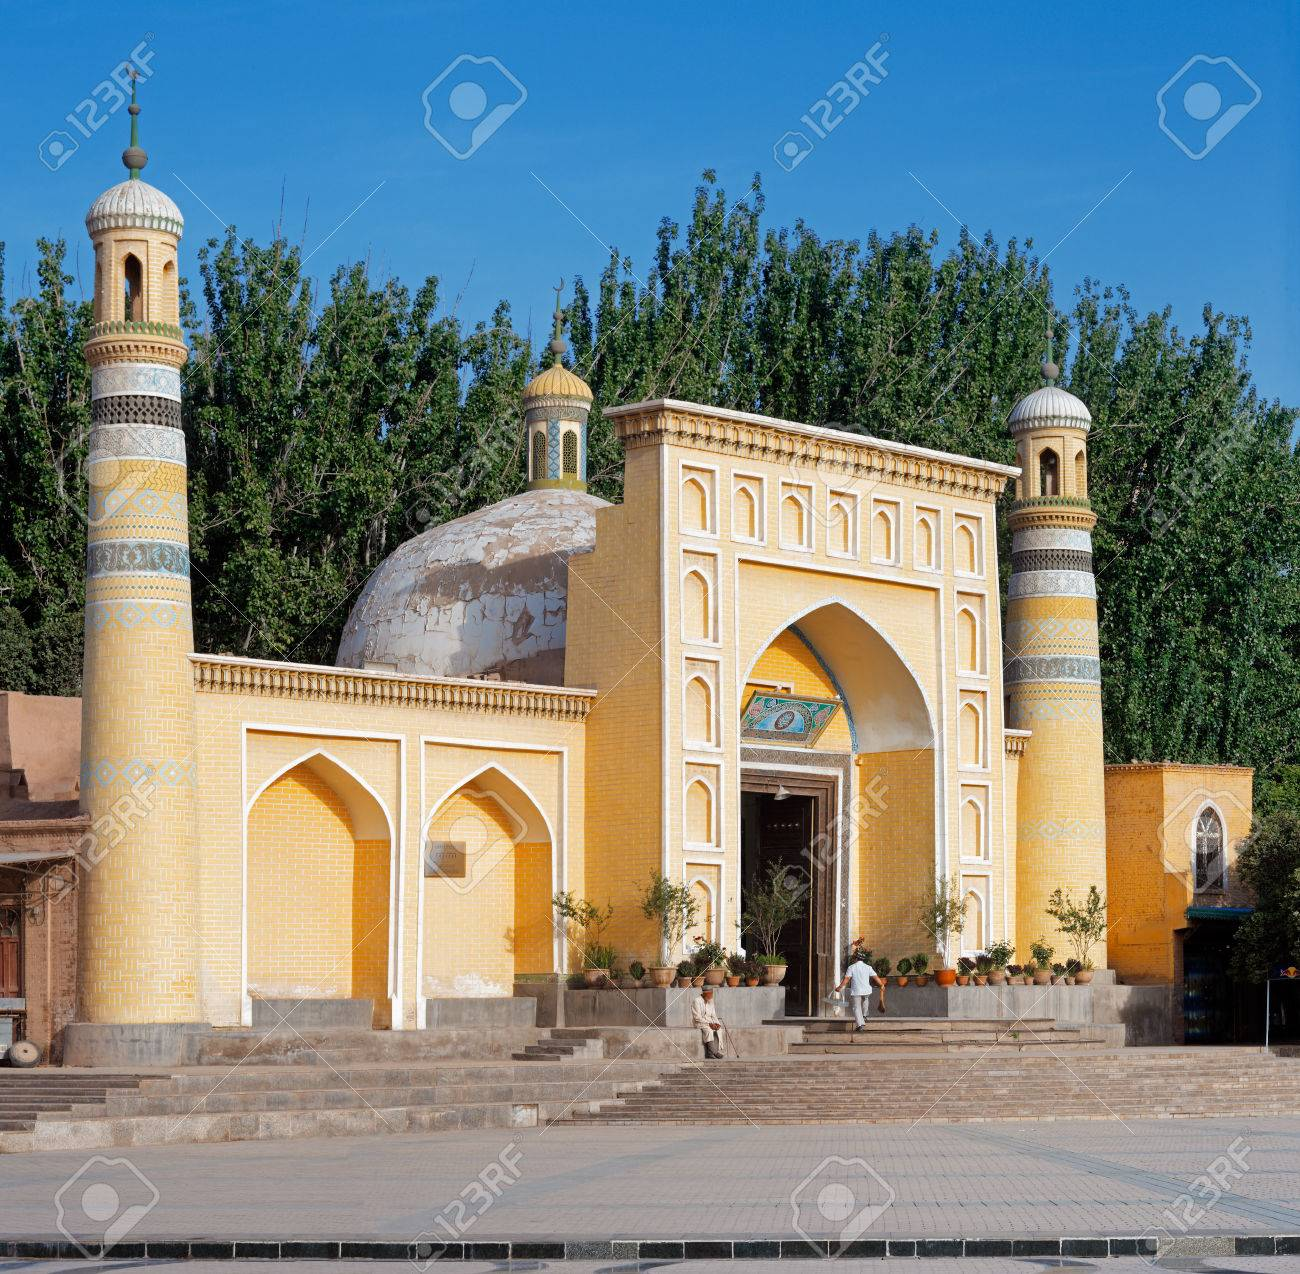 Mosquée Id Kah, Kashgar, Xinjiang Privince, Chine. Ce Est La Plus Grande  Mosquée En Chine. Ce Est Le Lieu Central De Culte Pour La Population  Ouïghoure Locale Qui ...